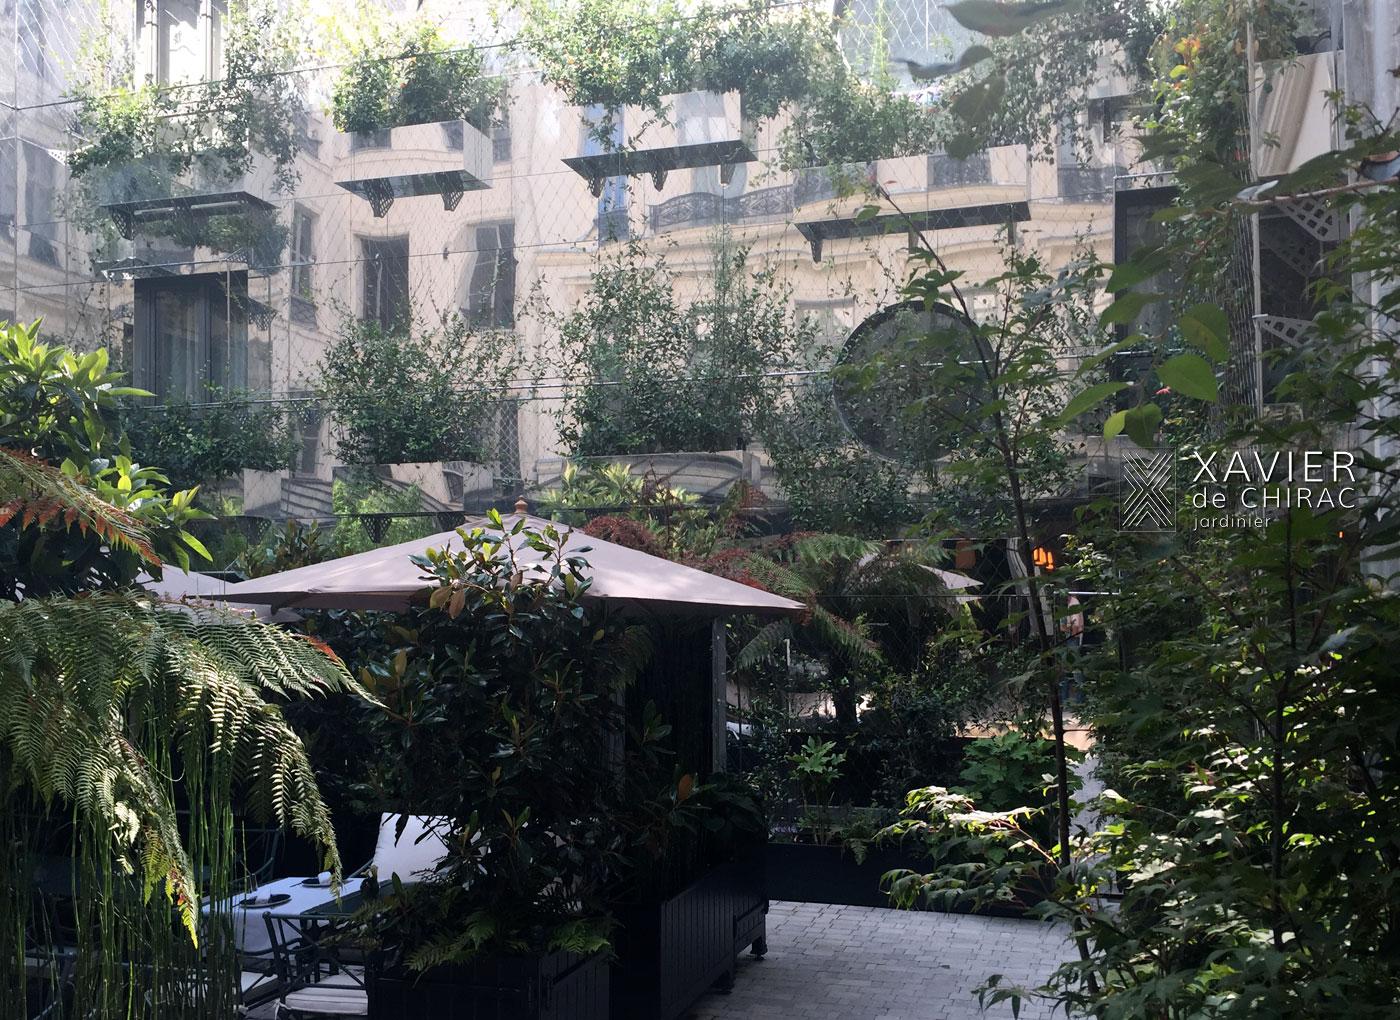 Des miroirs et des plantes, jardin Parisien, Xavier de Chirac, Jardinier